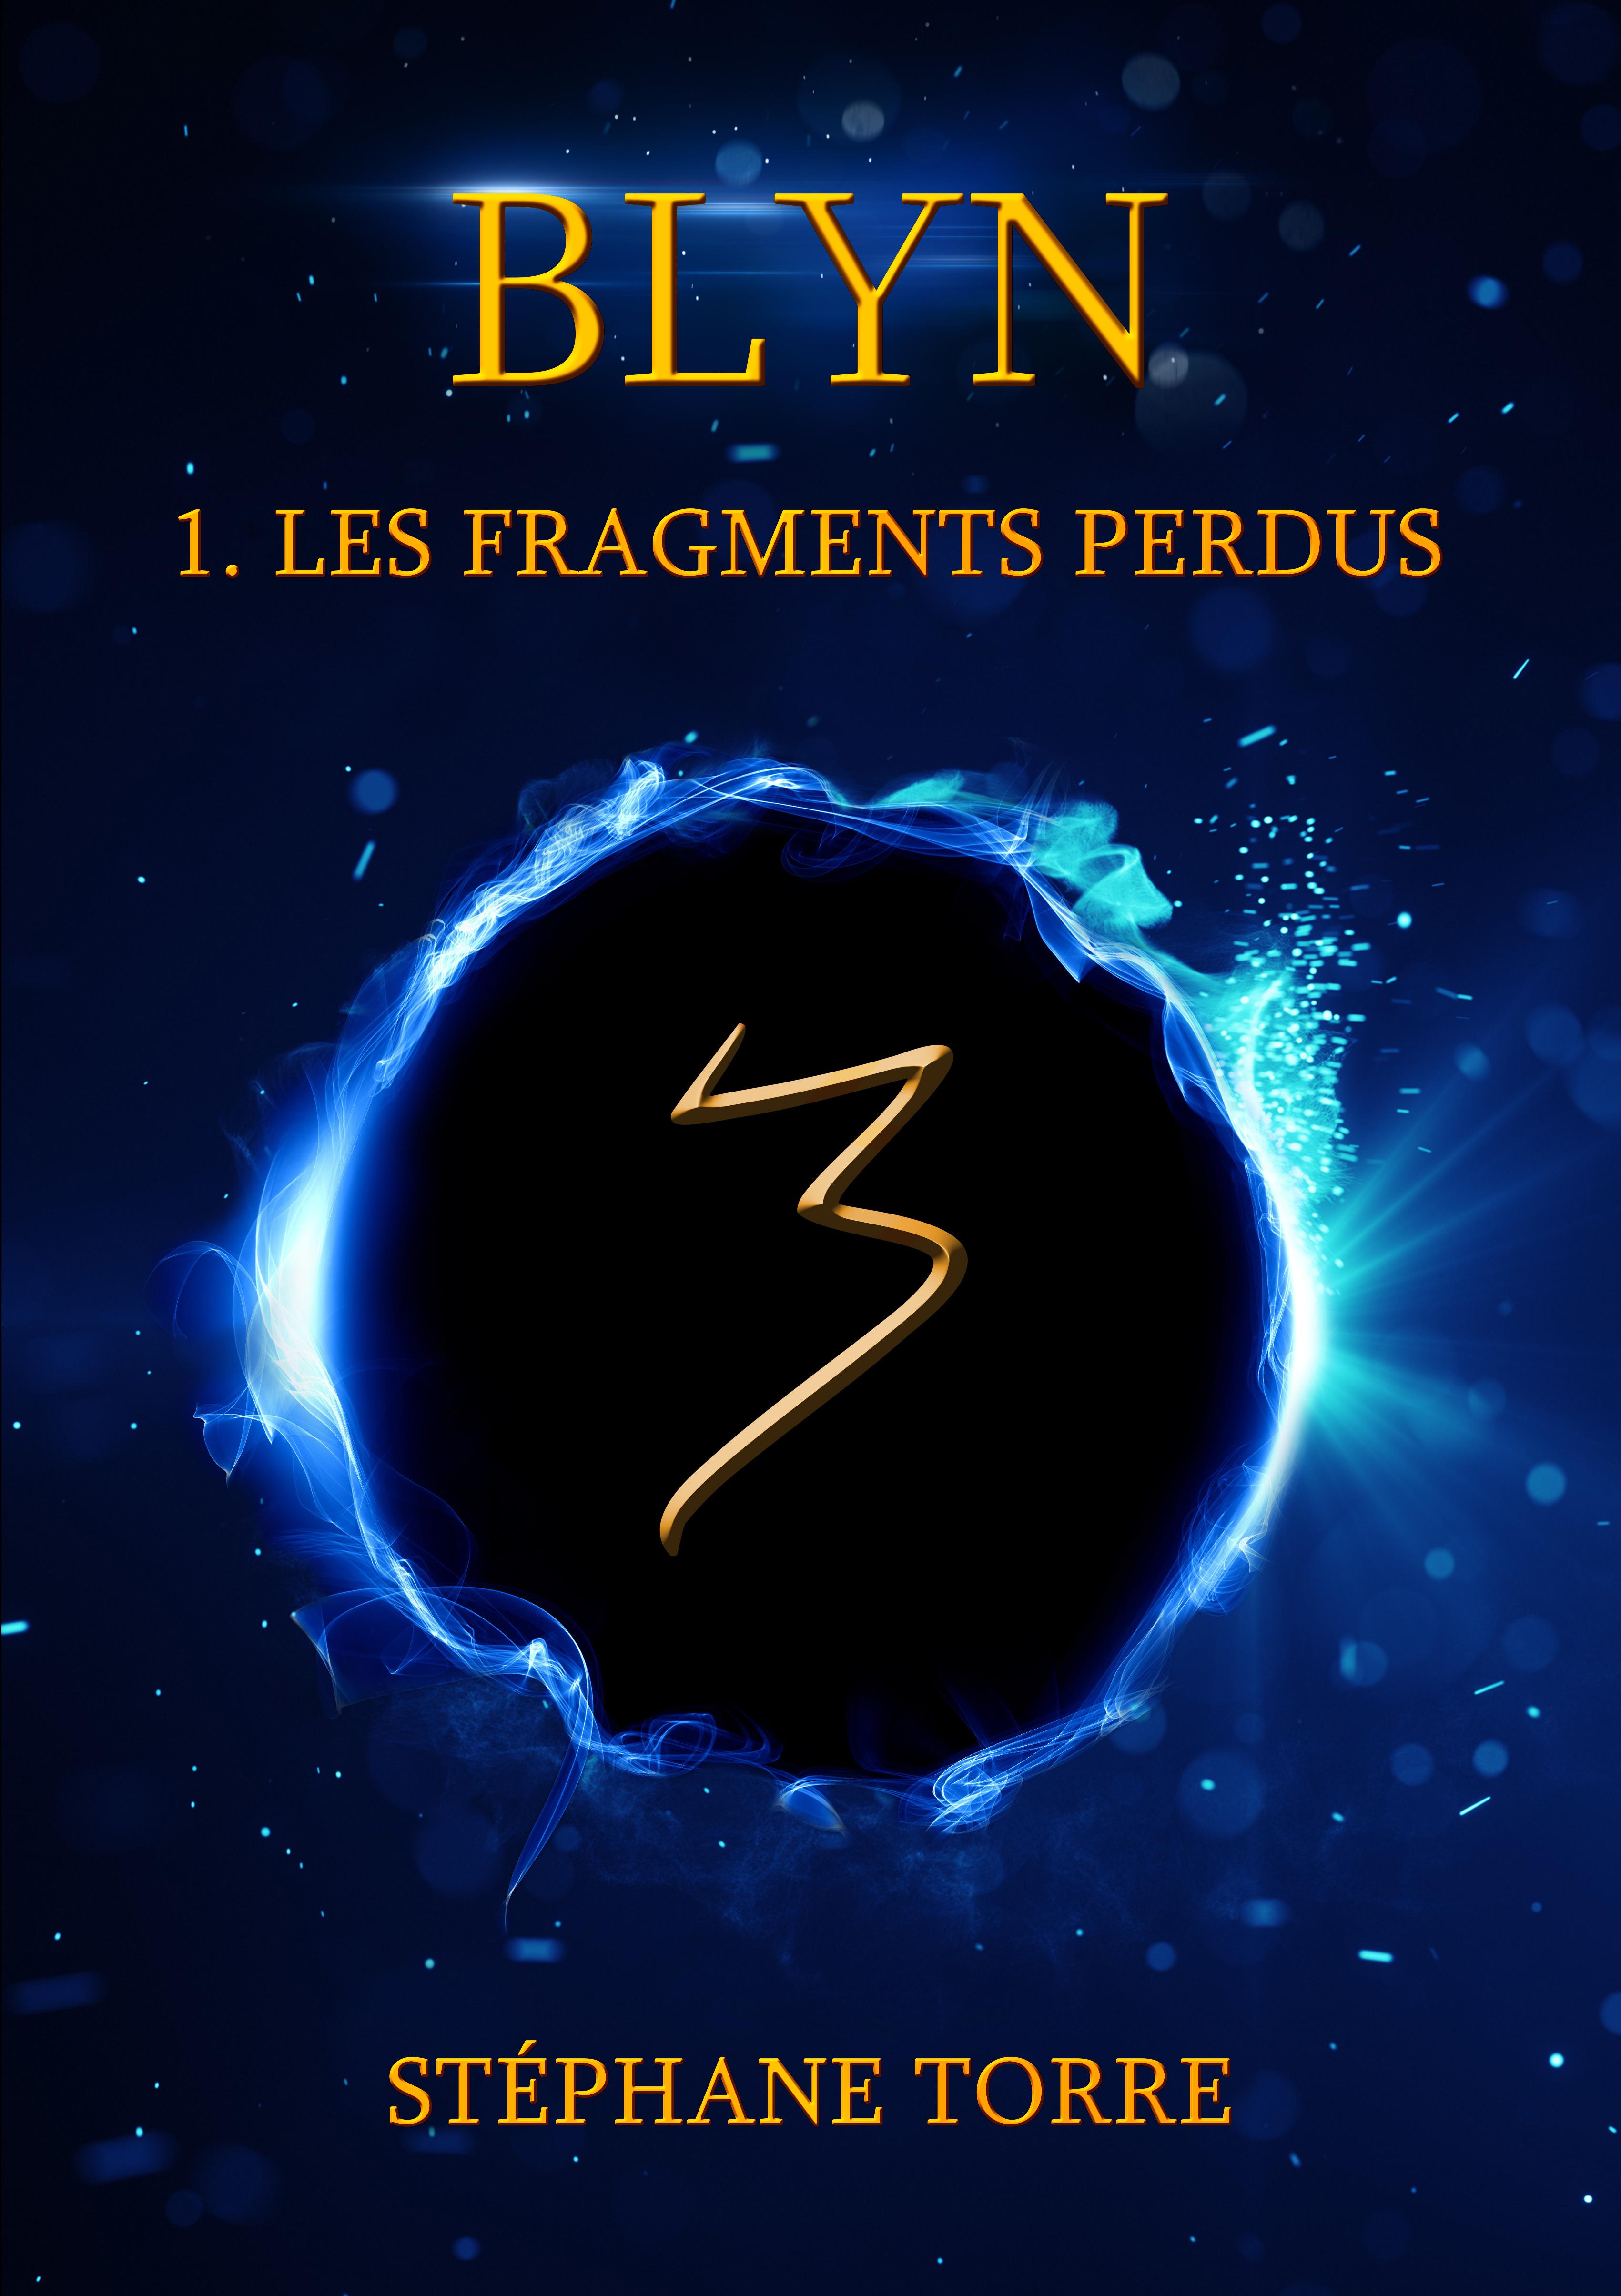 Blyn, Les Fragments Perdus